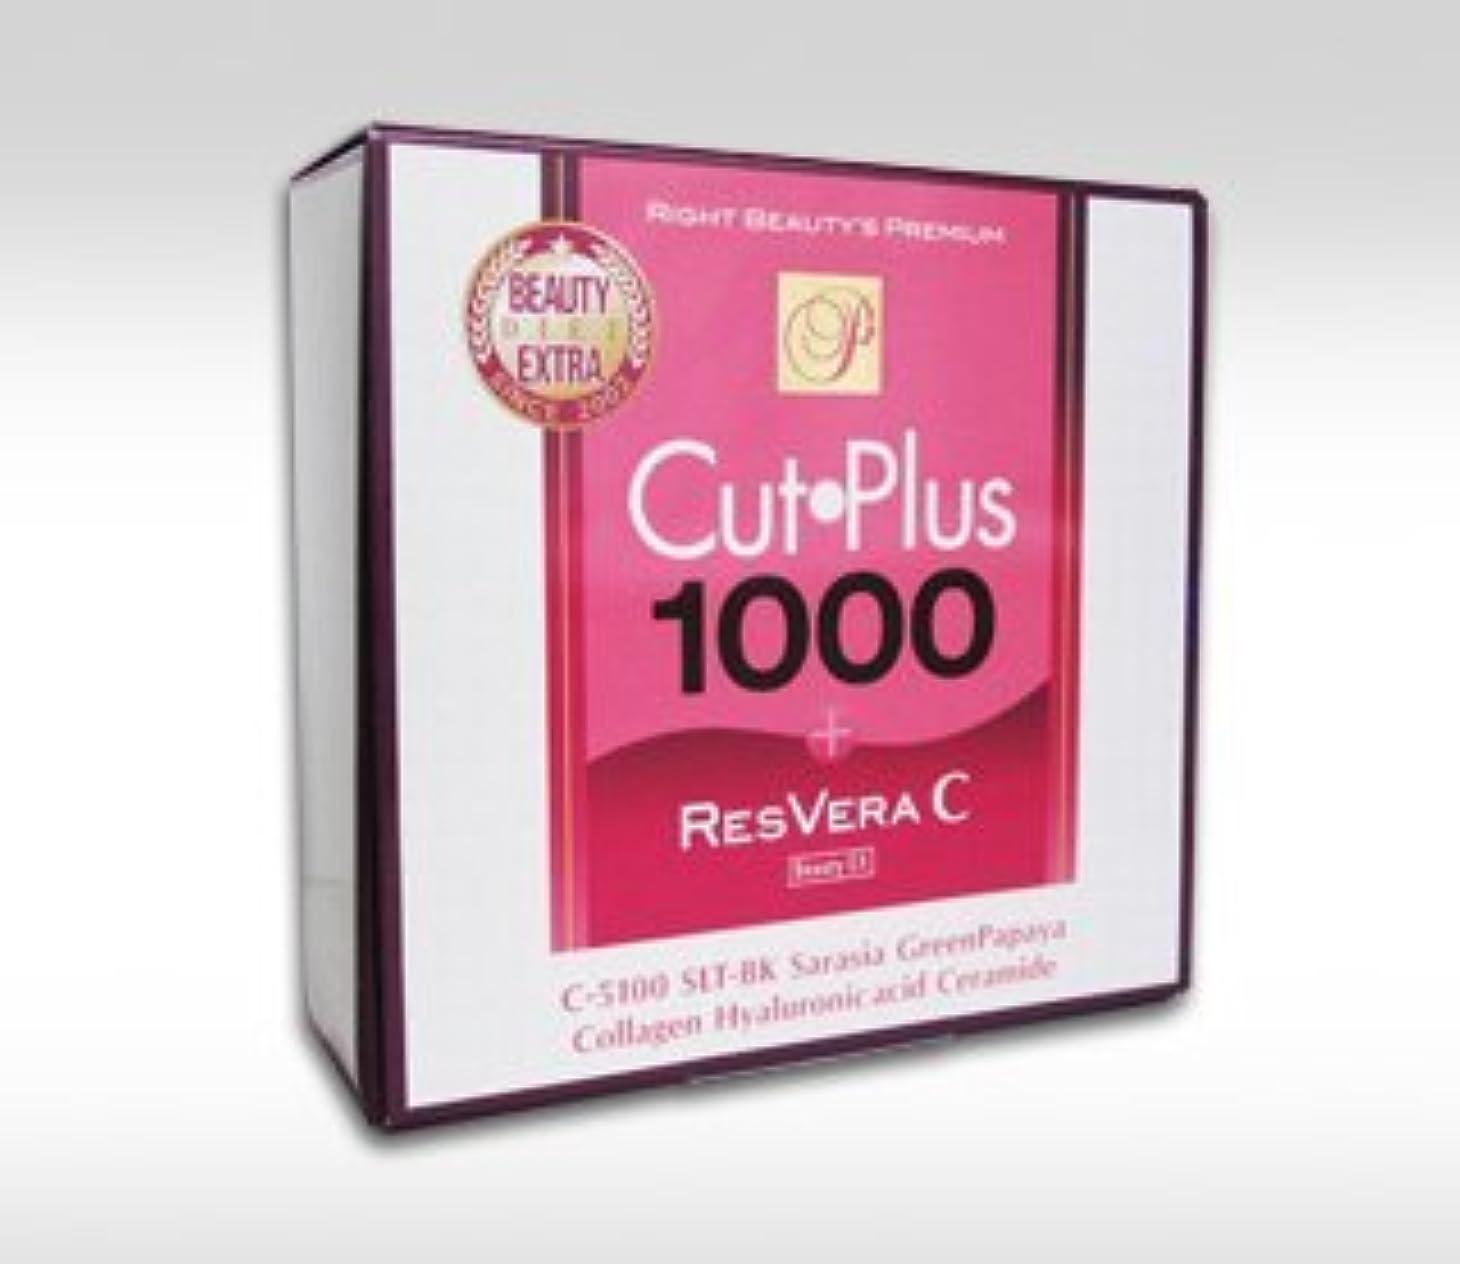 年口述提唱するカットプラス1000 RESVERA C レスベラC 2個セット